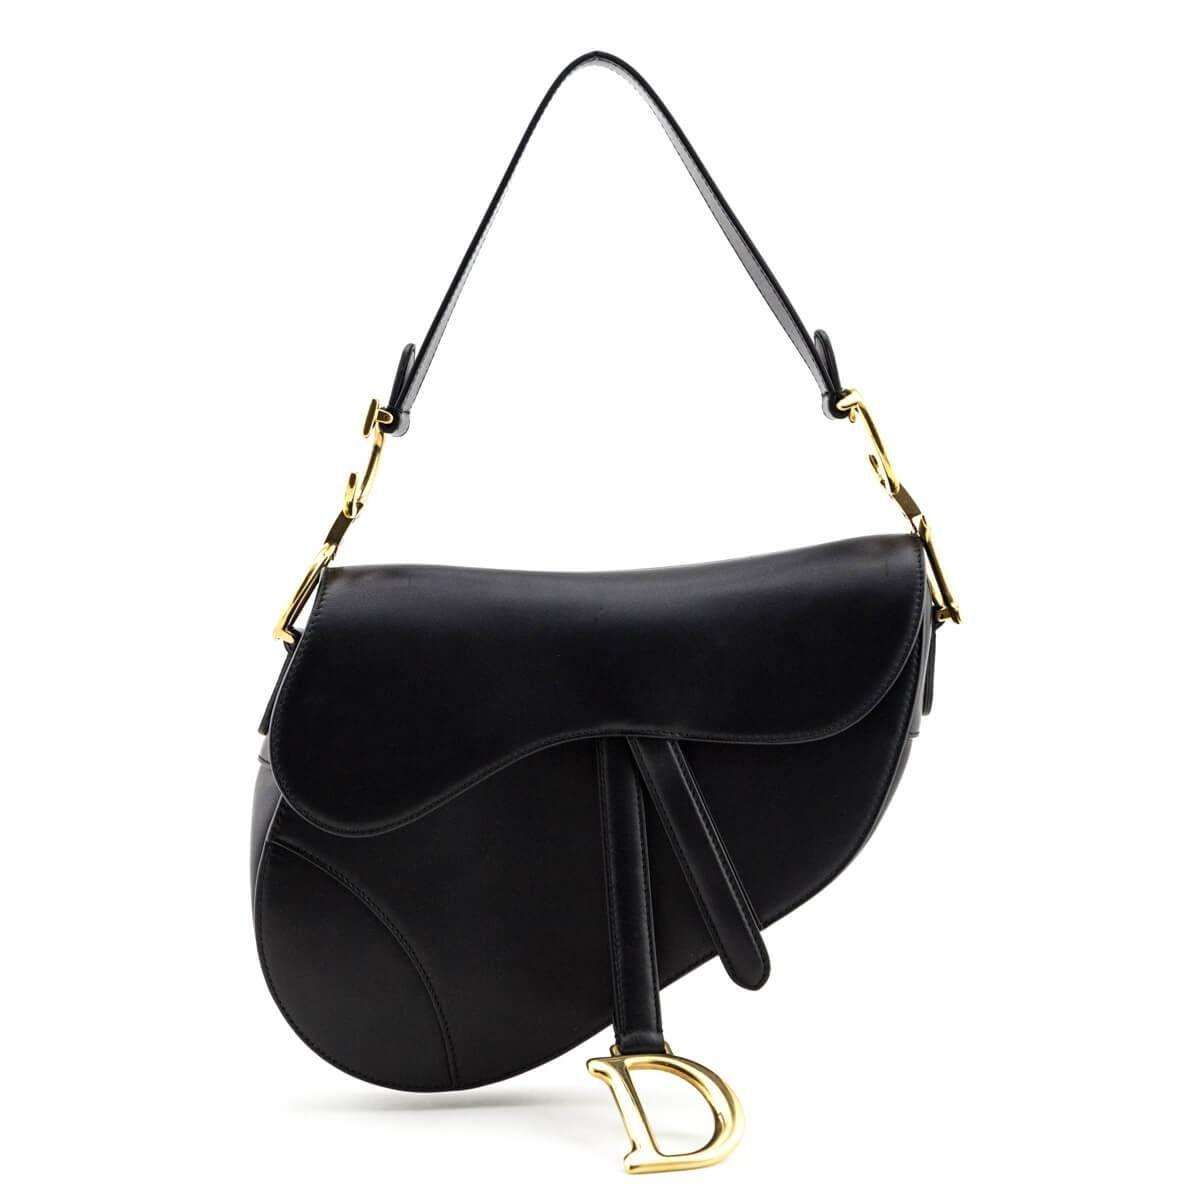 Dior Black Calfskin Saddle Bag Shop Preloved Dior Saddle Bags